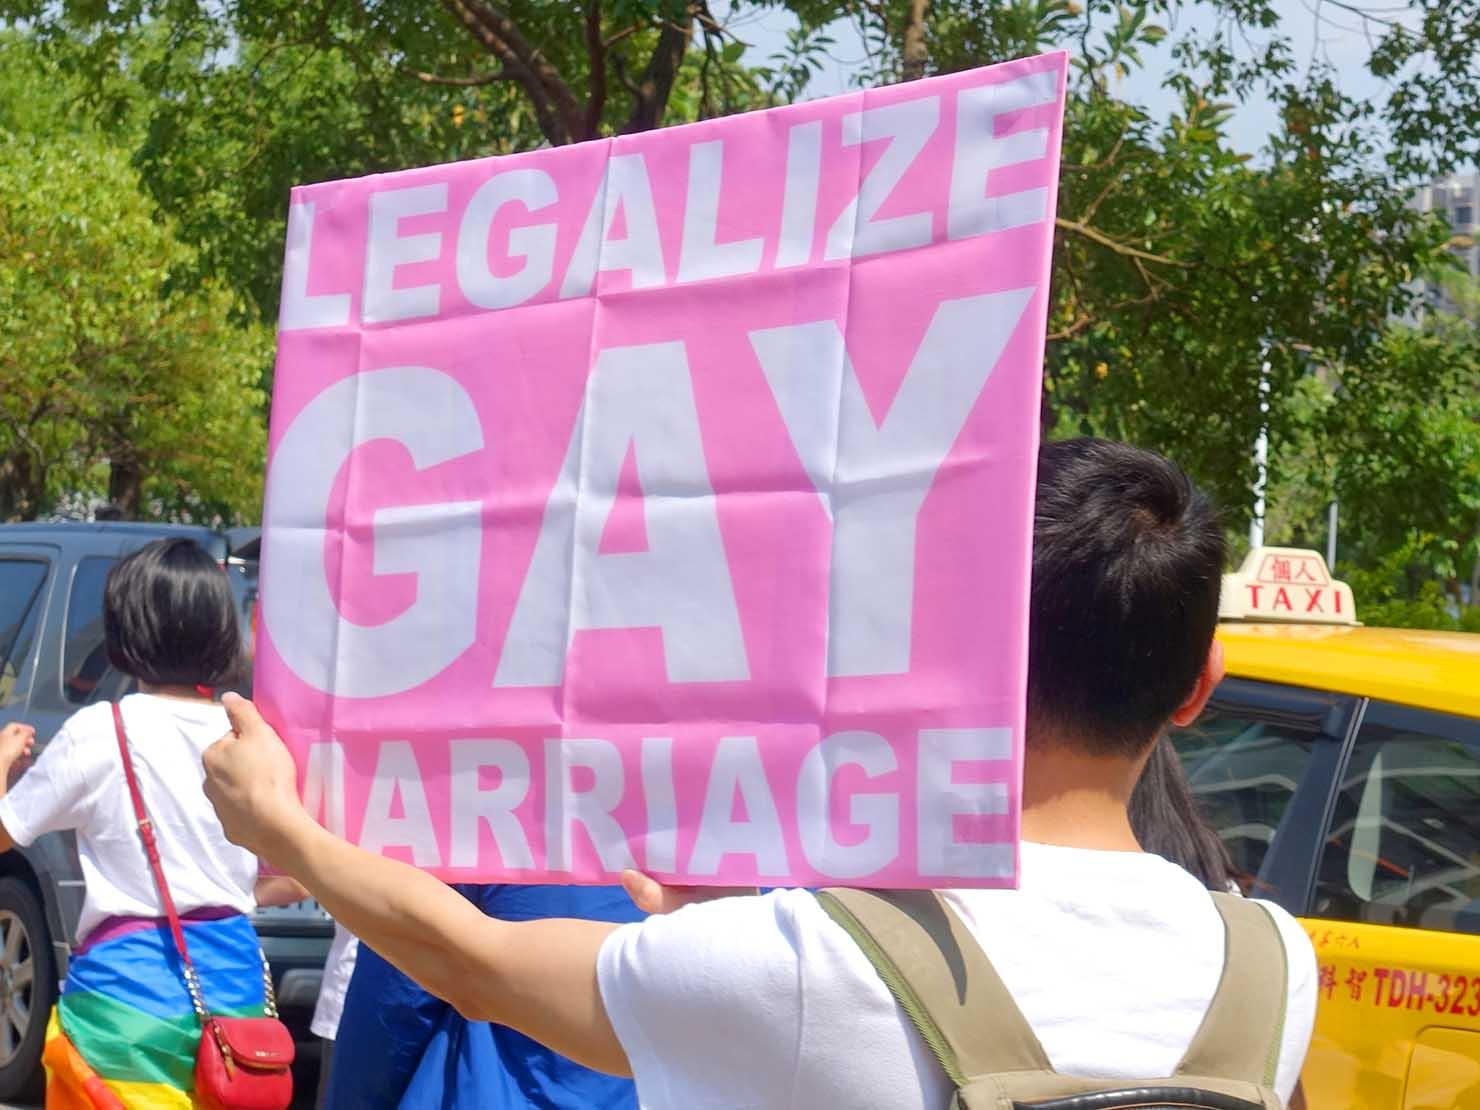 苗栗愛轉來平權遊行(苗栗LGBTプライド)2019のパレードで同性婚実現を求めるプラカードを掲げる参加者